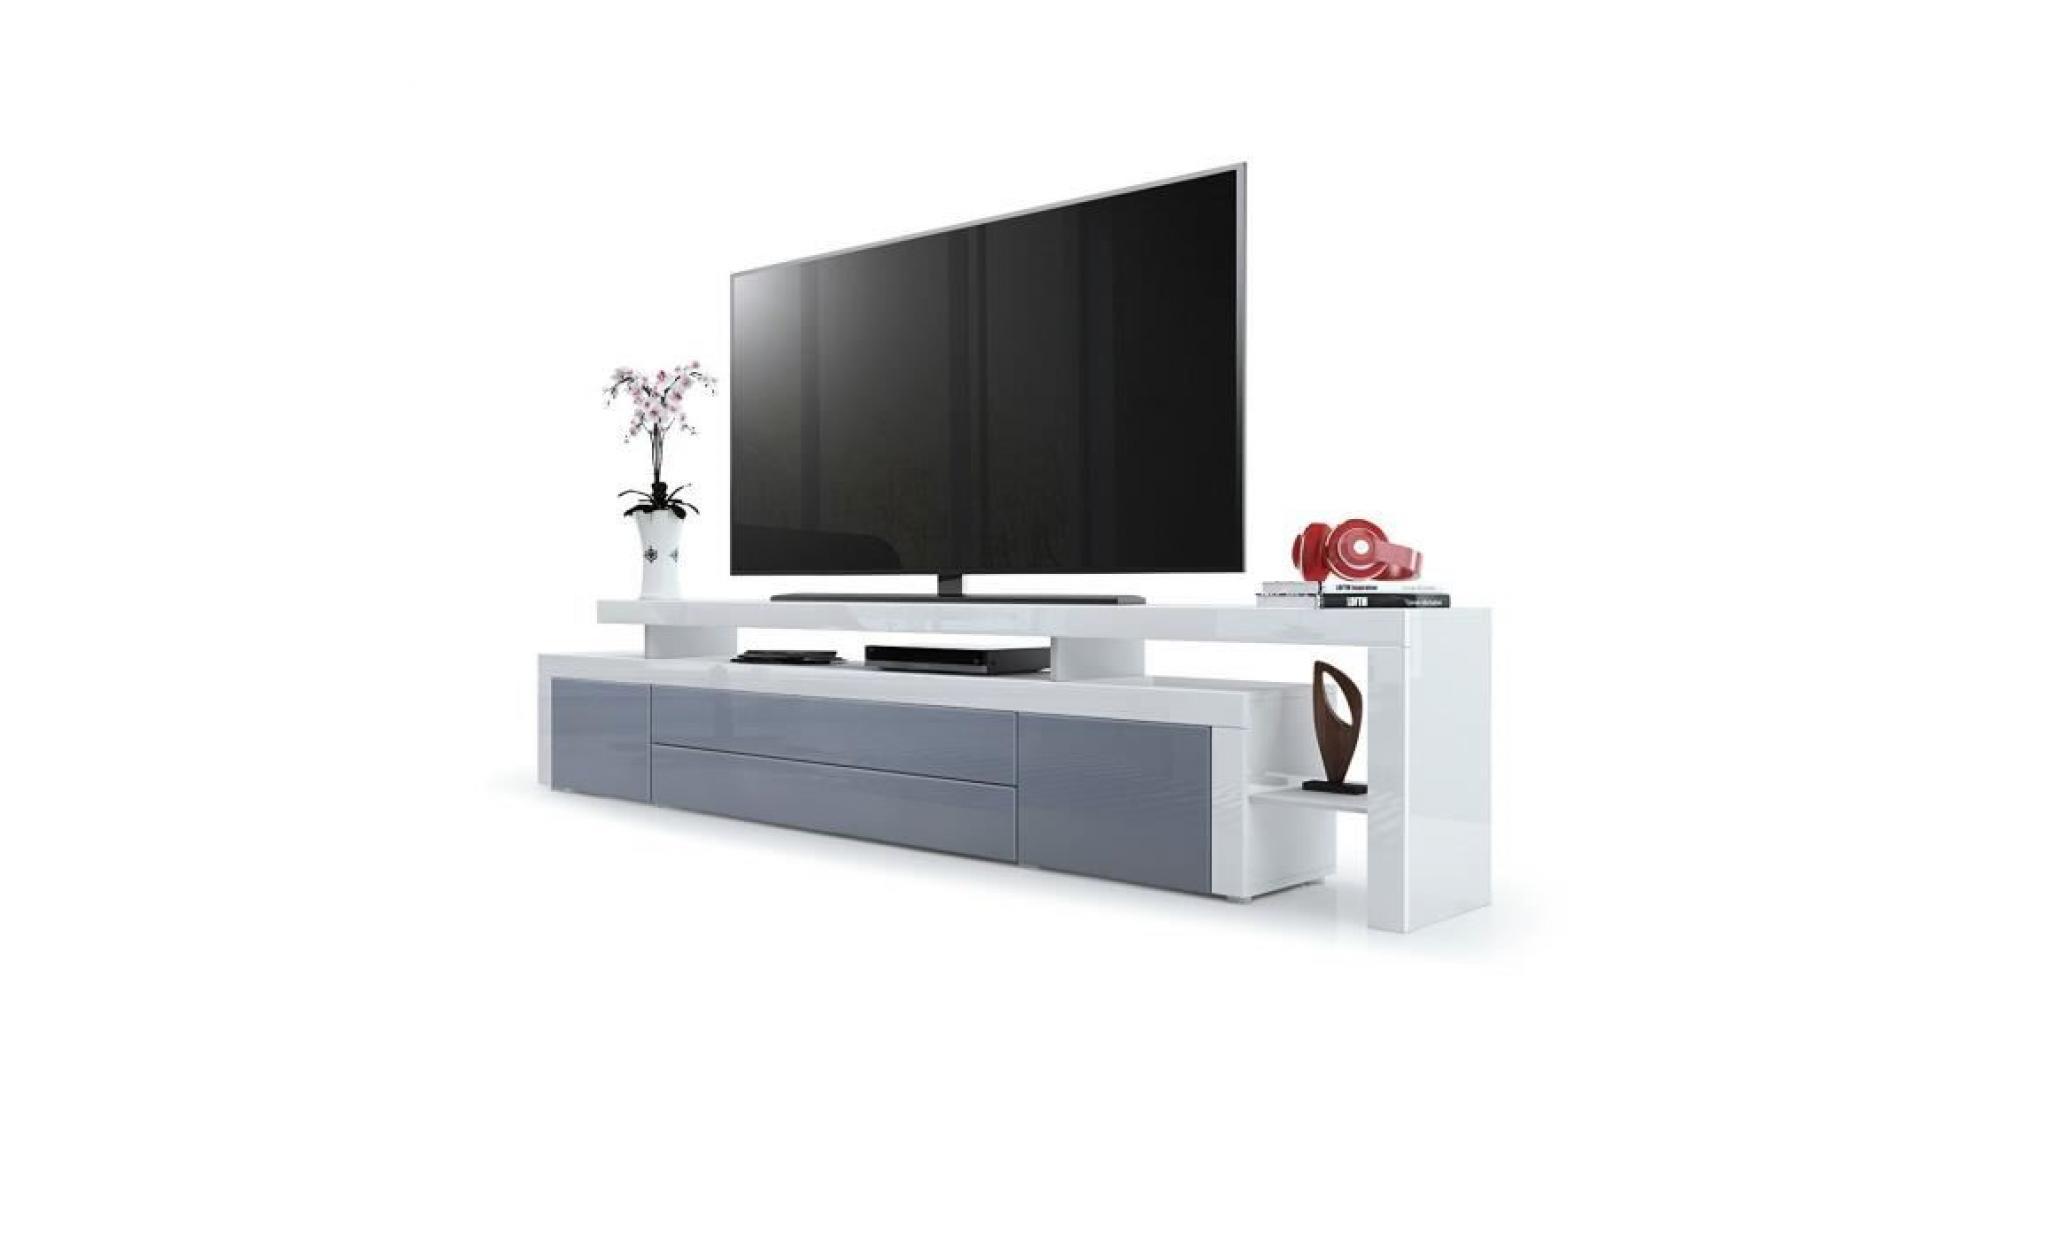 Meuble Tv Blanc Gris Laque 227 Cm Achat Vente Meuble Tv Pas Cher Couleur Et Design Fr